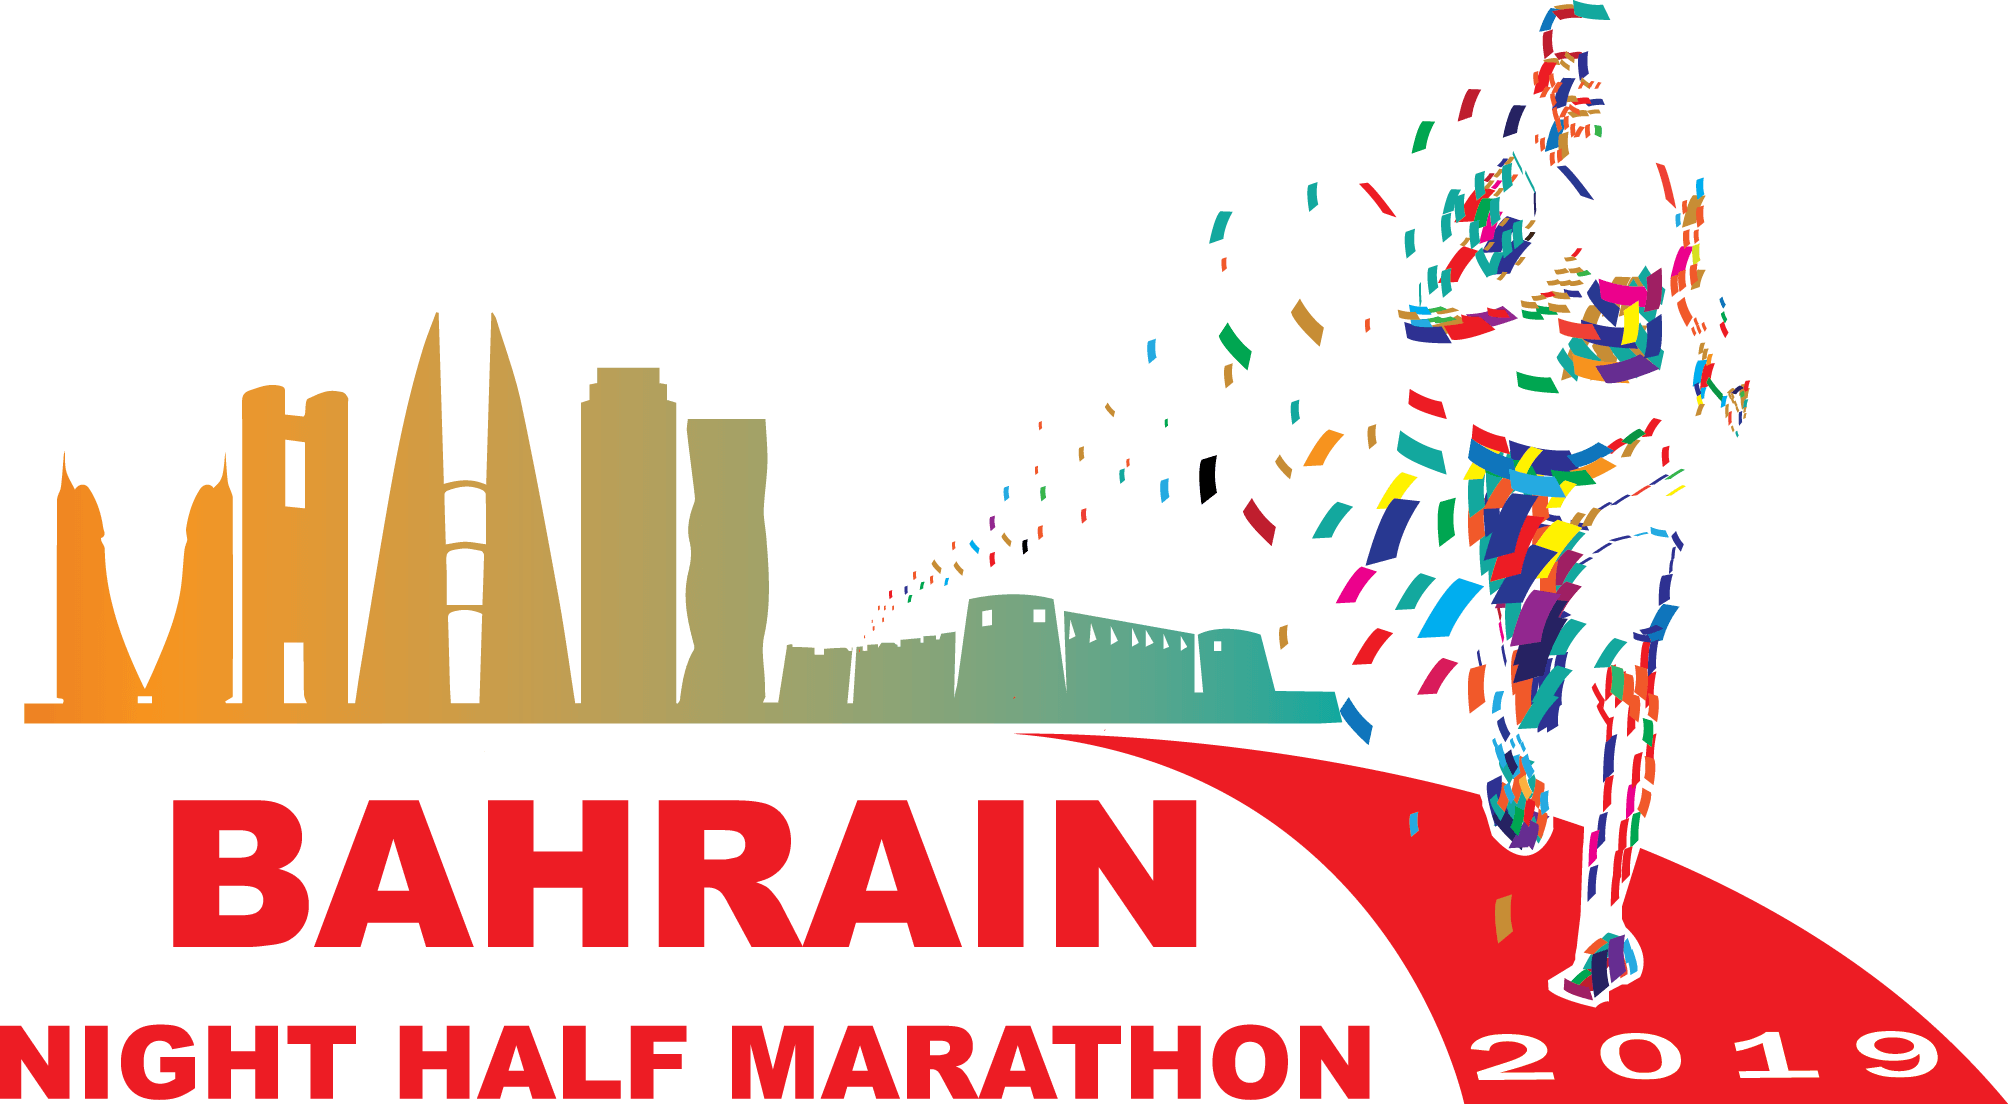 Half Marathon Bahrain